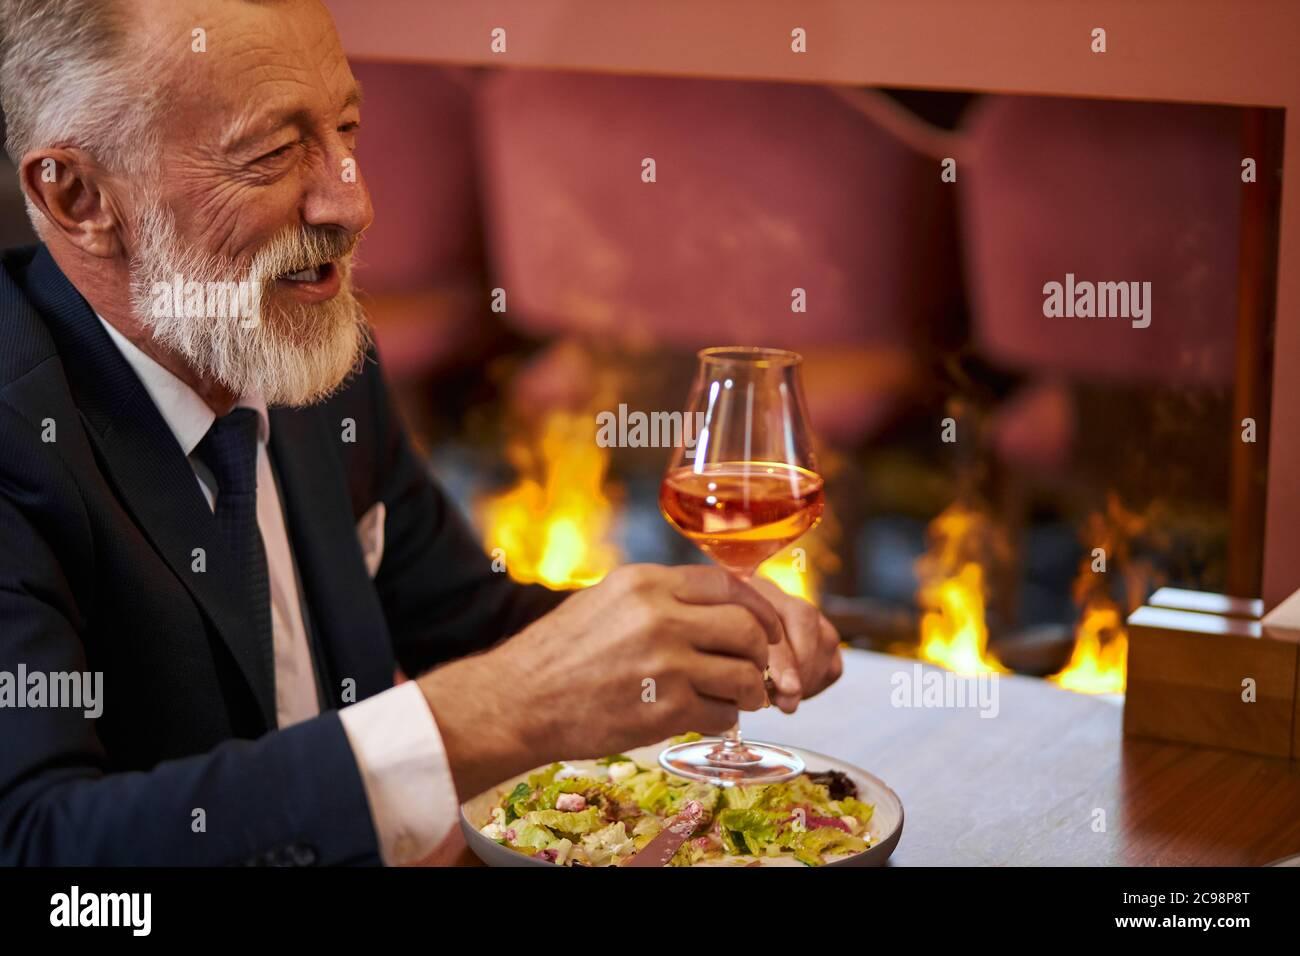 Homme à la barbe et aux cheveux gris en smoking avec verre de champagne, assis au restaurant et rire, regardez la personne en face. Contexte firemplacer Banque D'Images